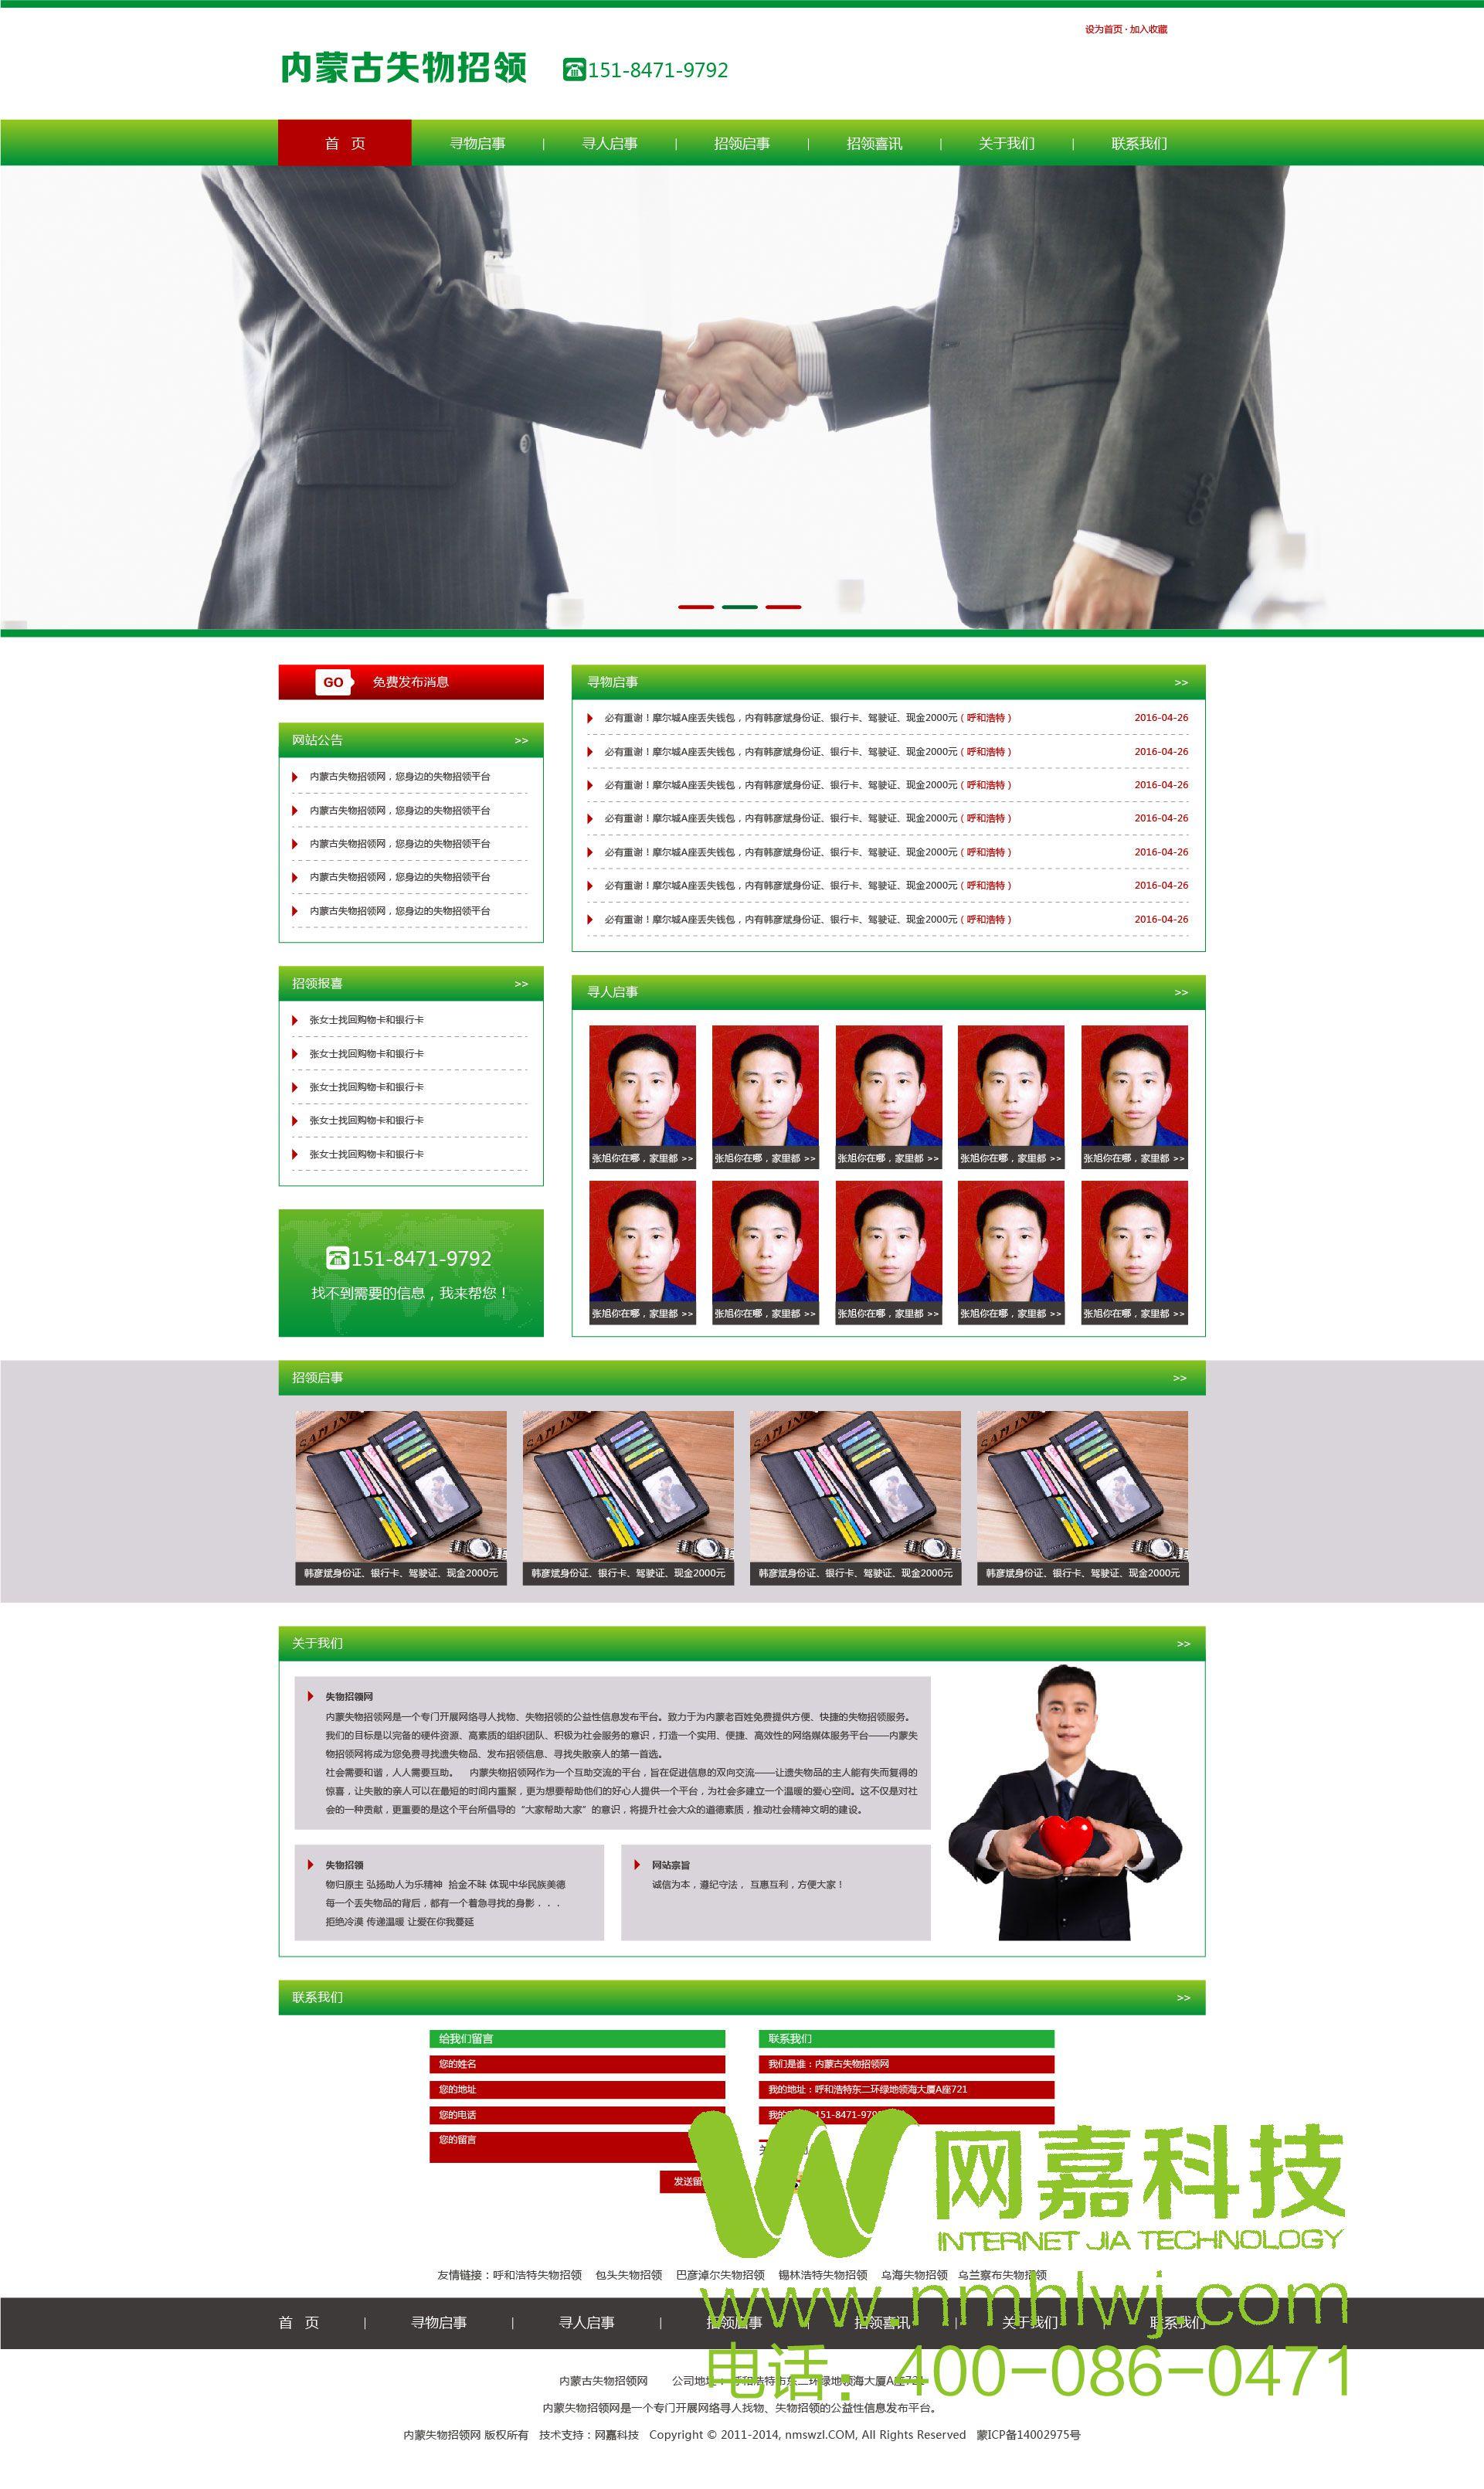 内蒙古网站设计